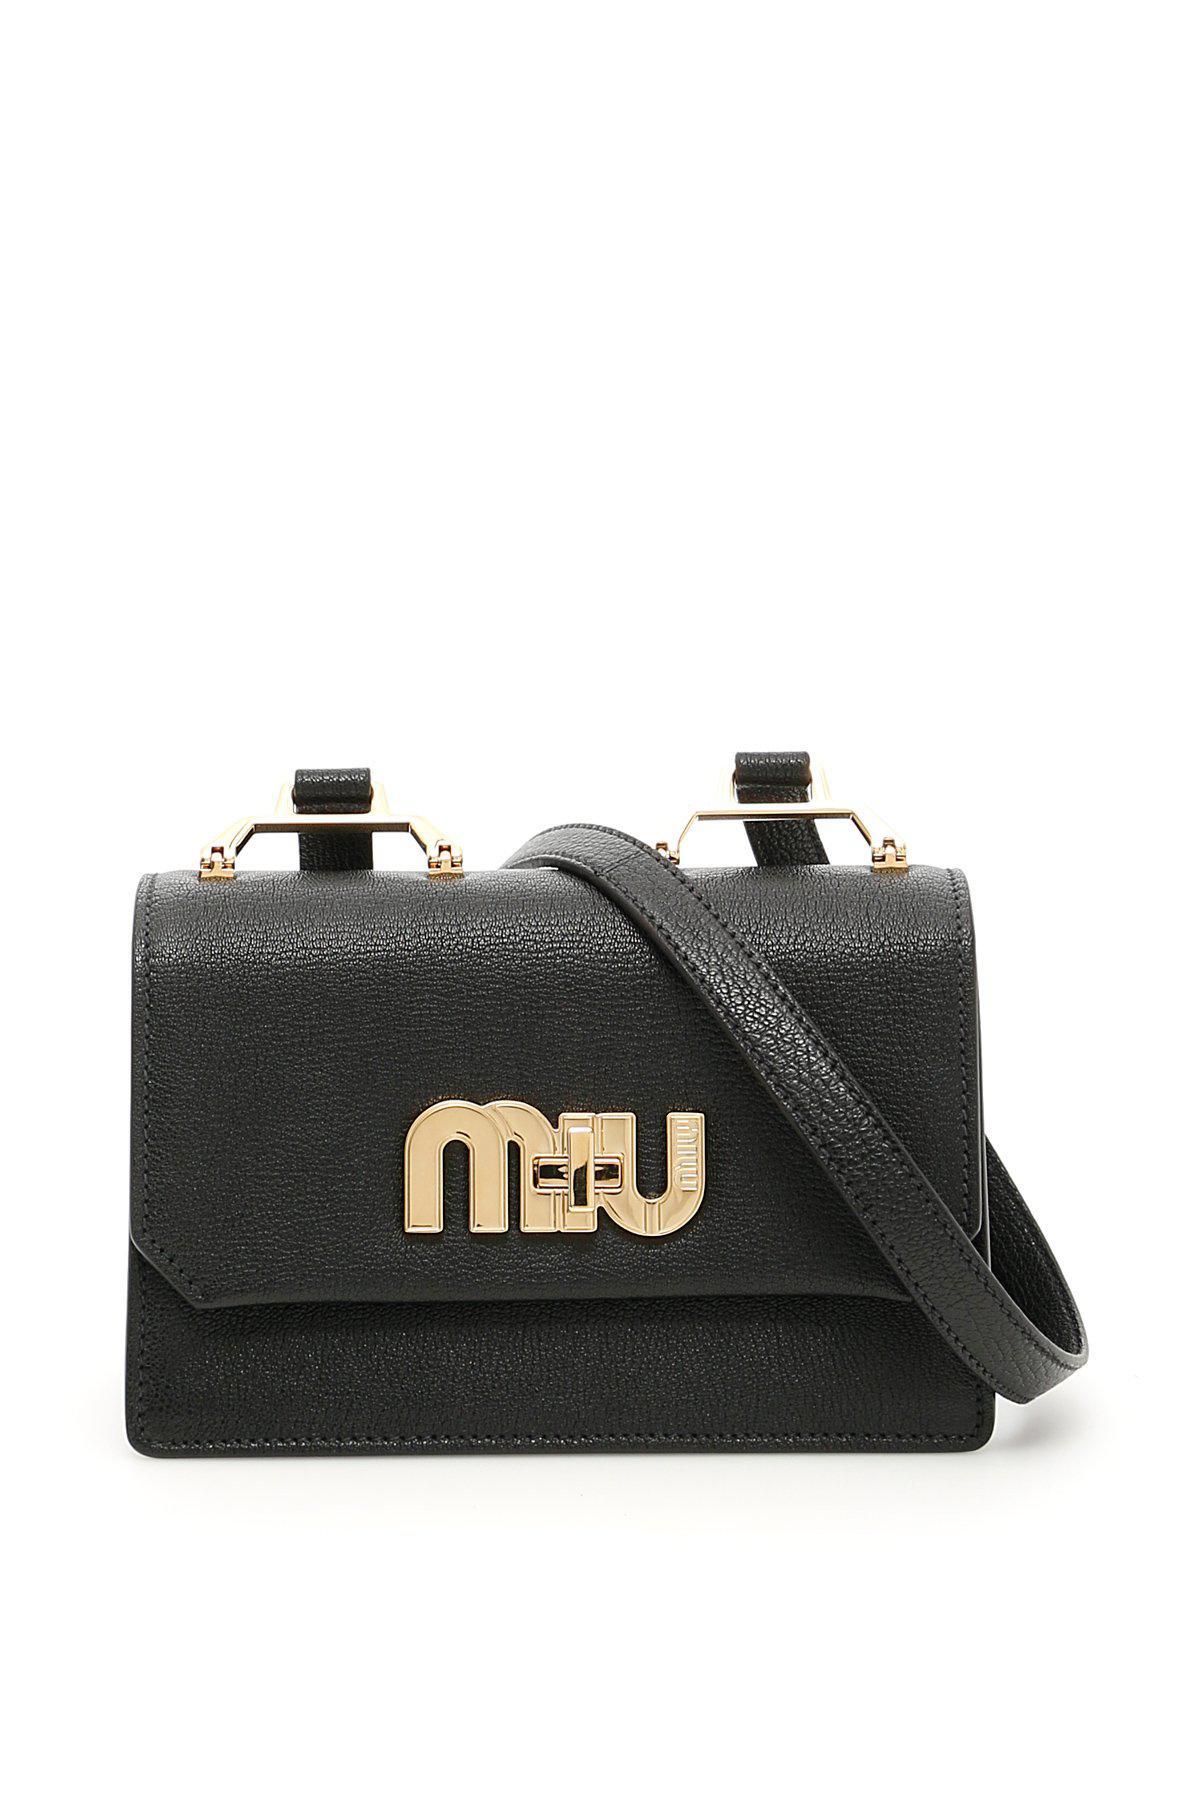 574d3bd18806 Lyst - Miu Miu Logo Shoulder Bag in Black